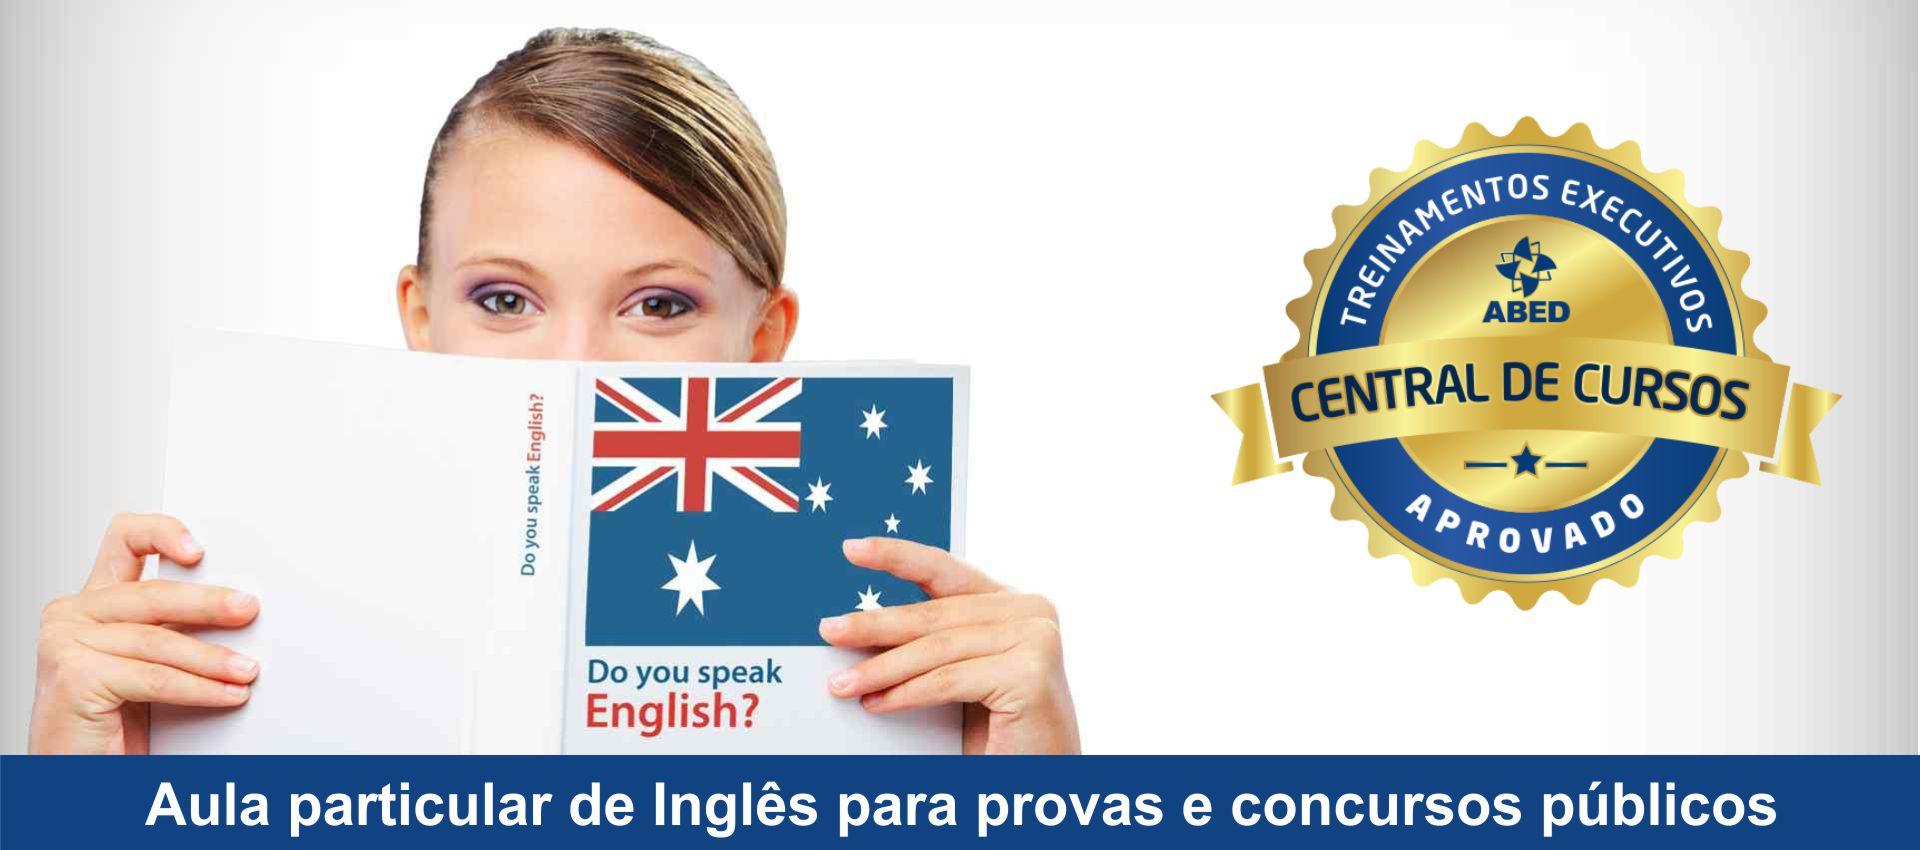 Aula de Ingles particular em Uberlândia